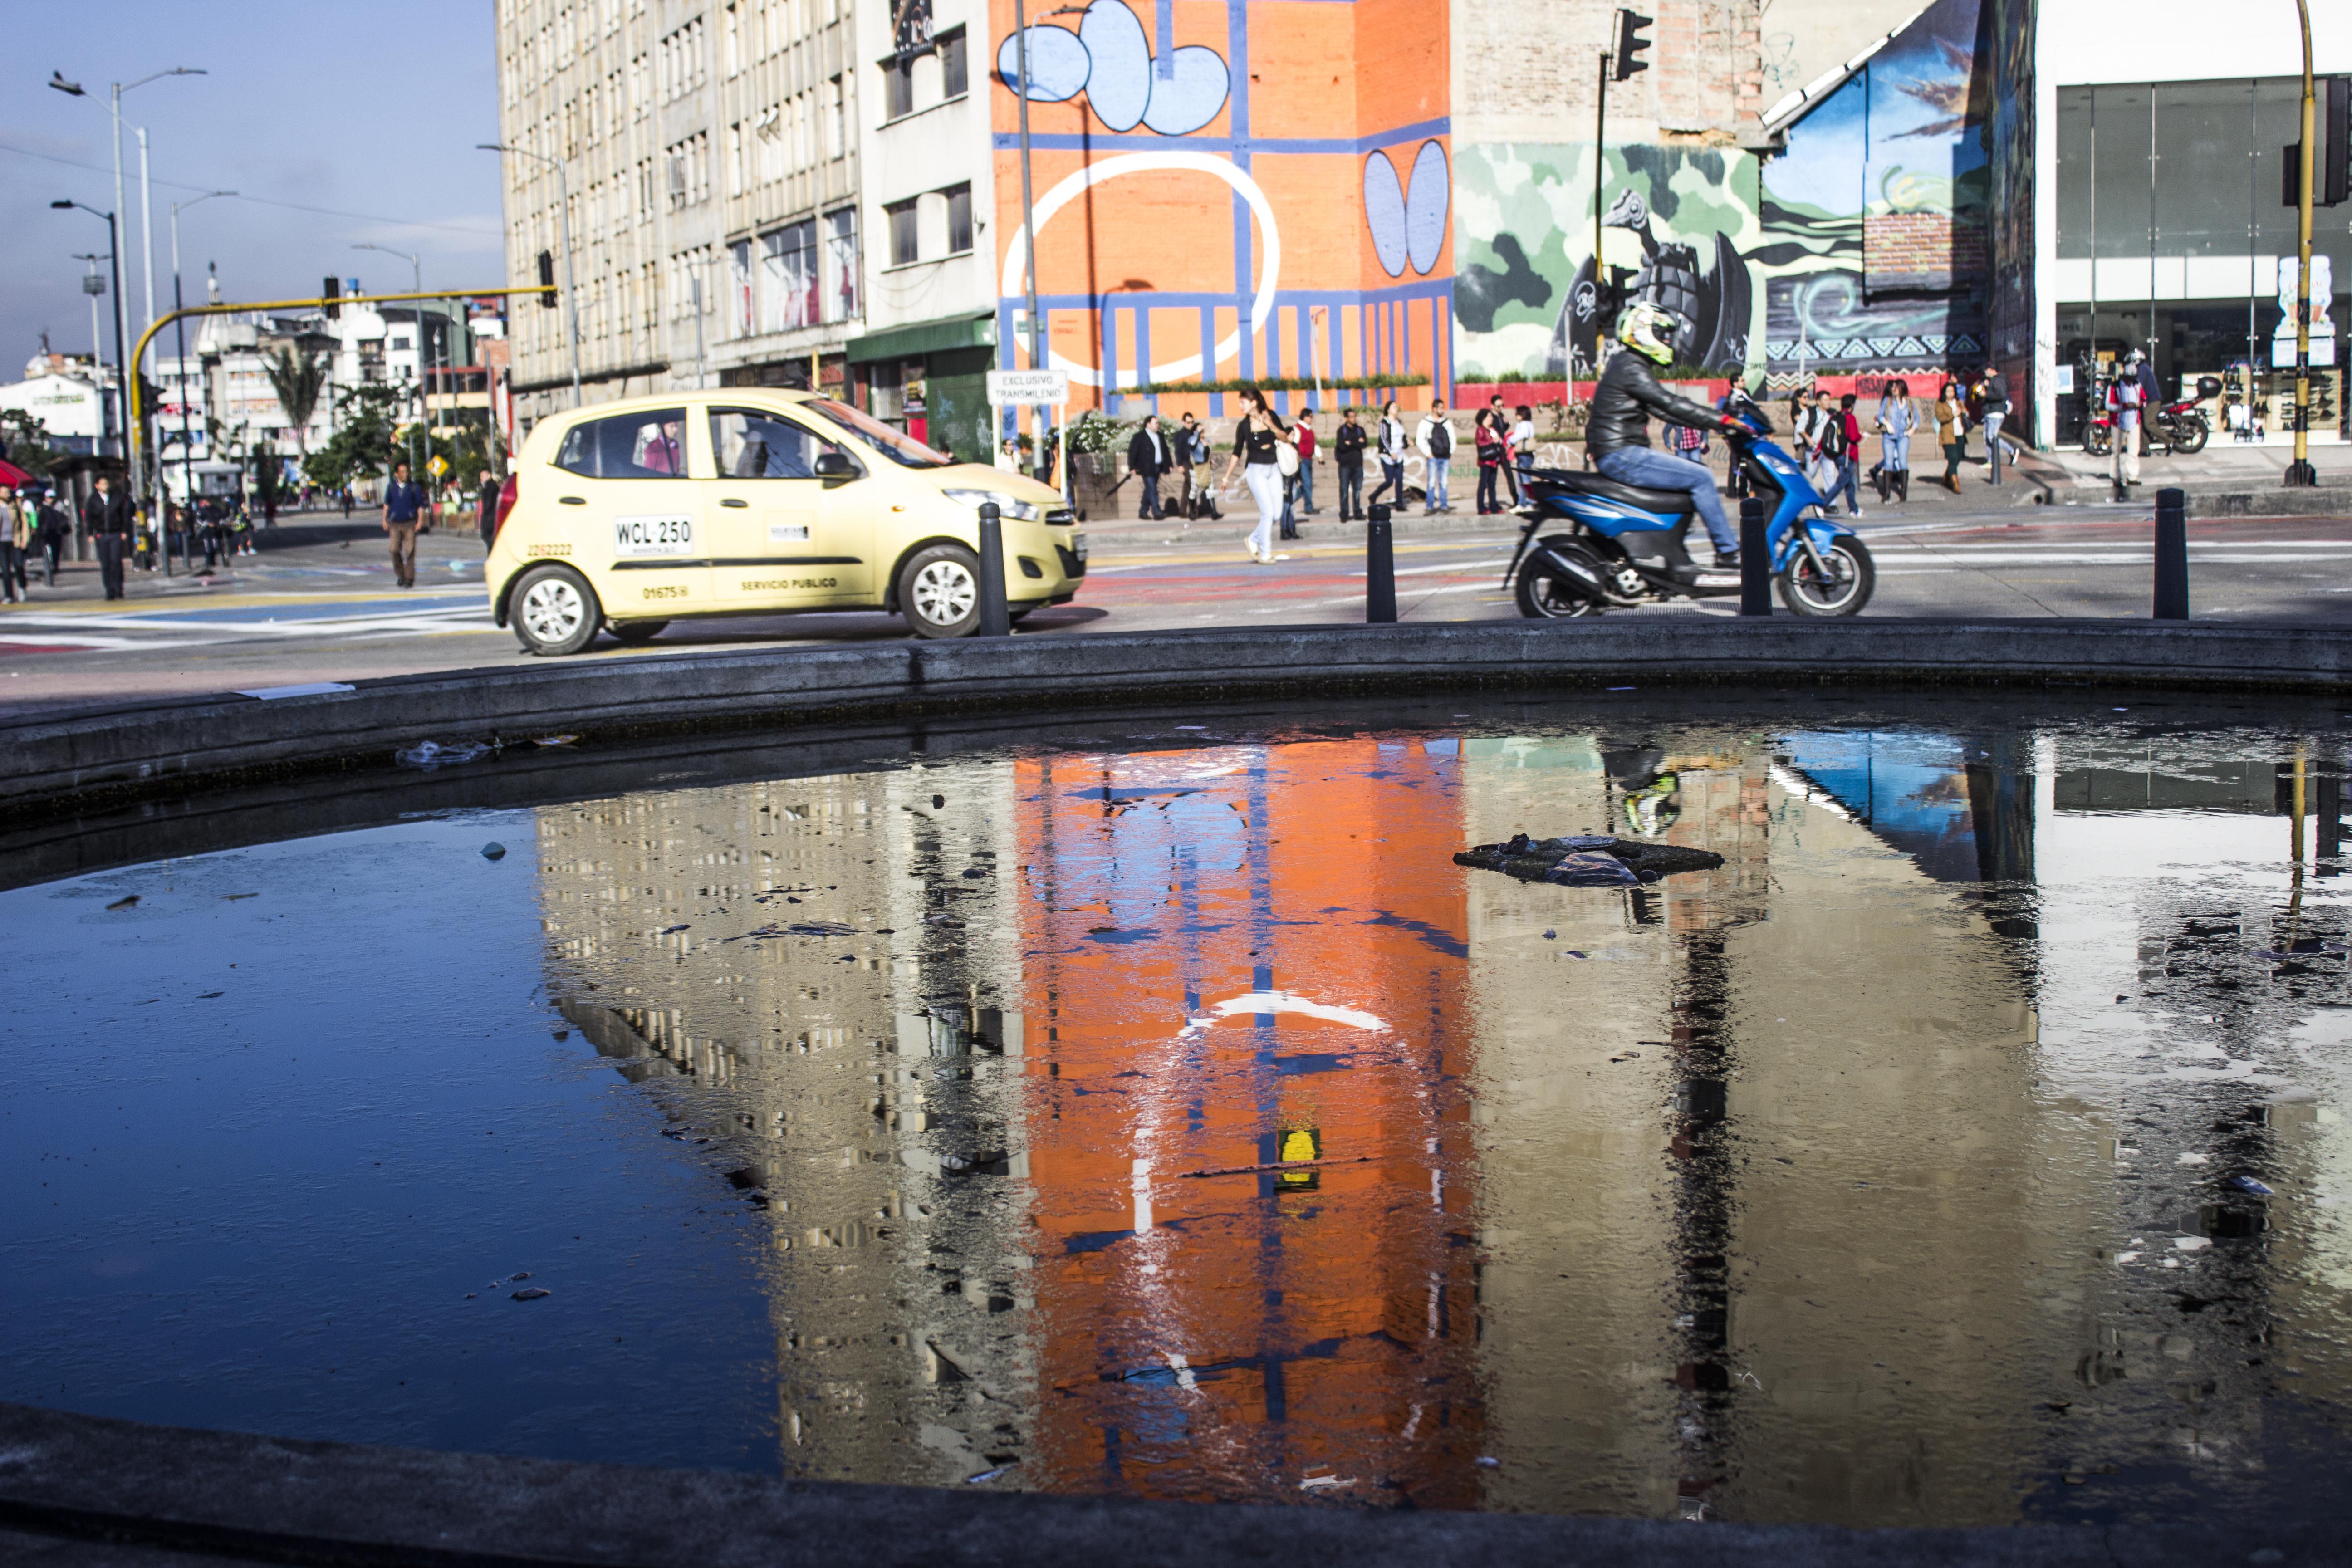 A sunny day in Bogota